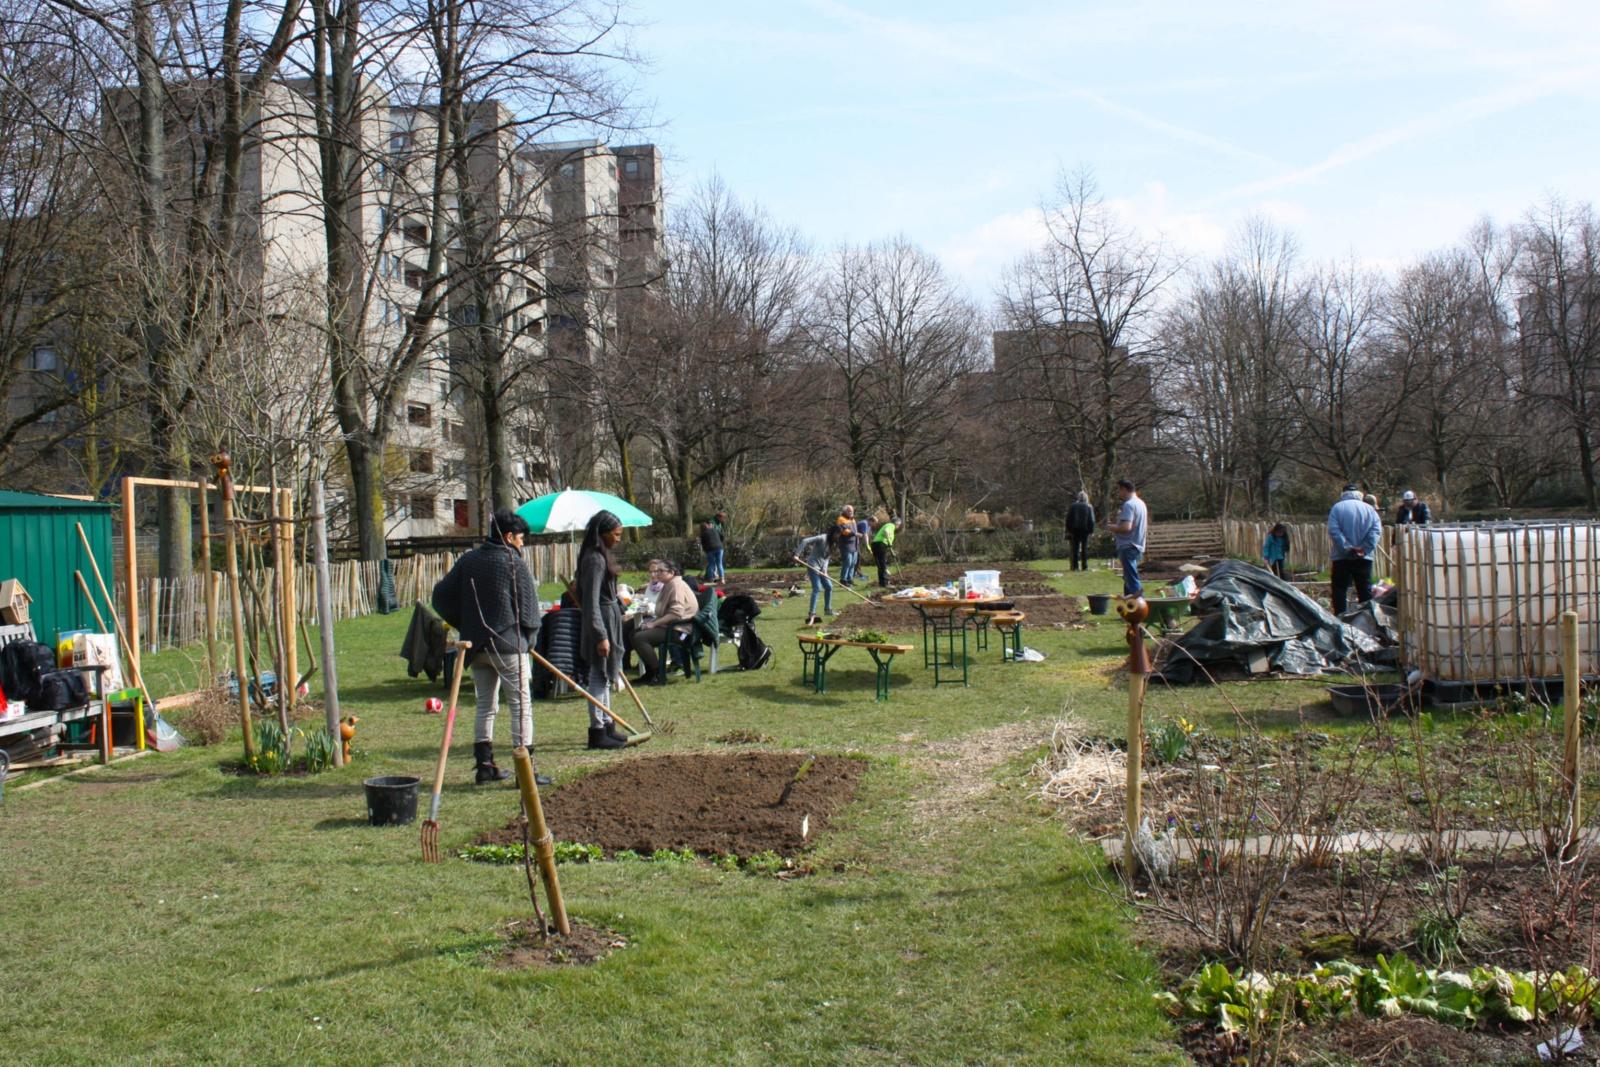 Gärtner Ratingen gemeinschaftsgarten startet ins zweite pflanzjahr